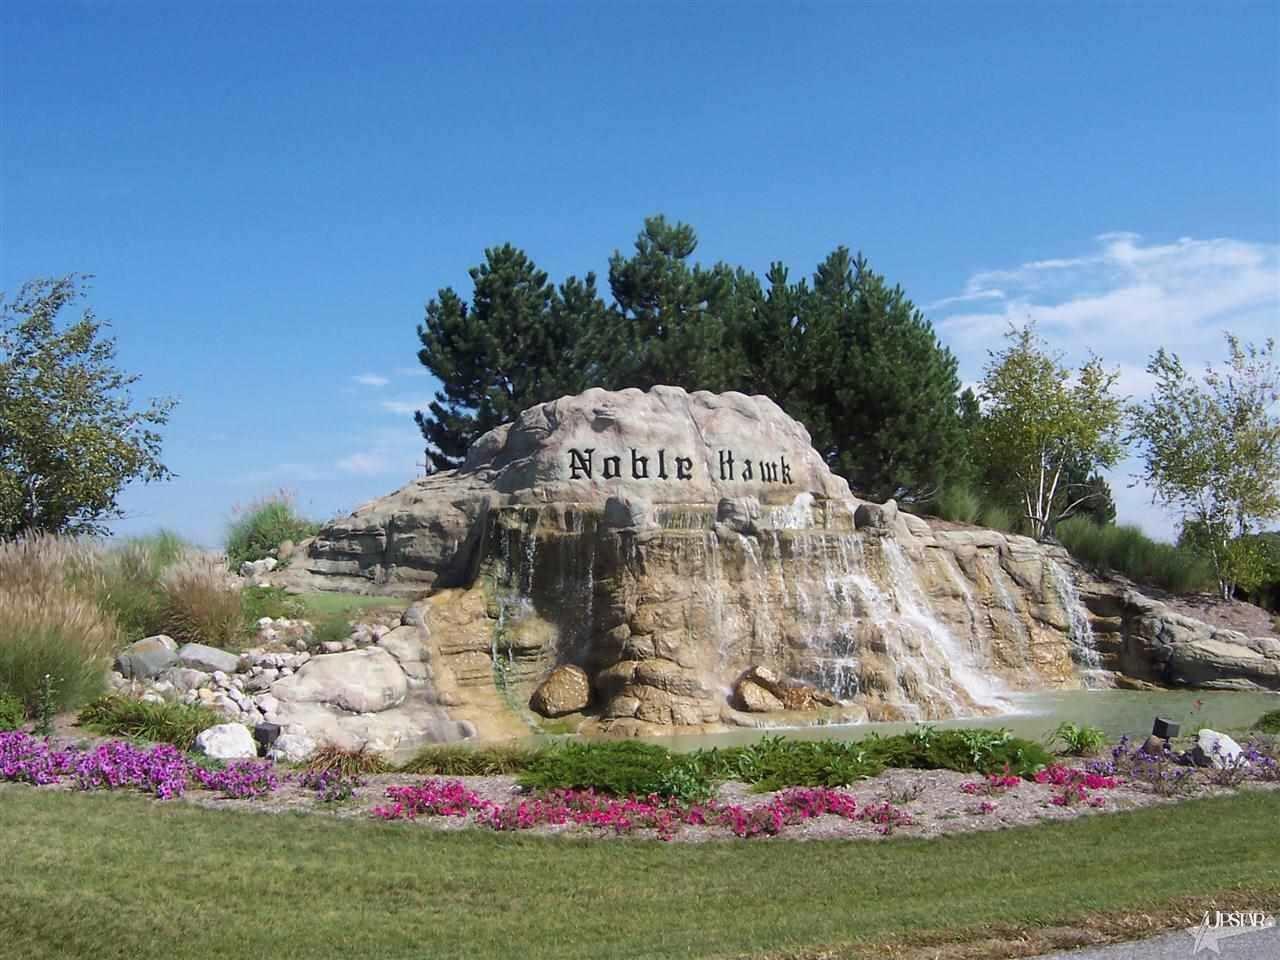 2917 Noble Hawk, Kendallville, IN 46755